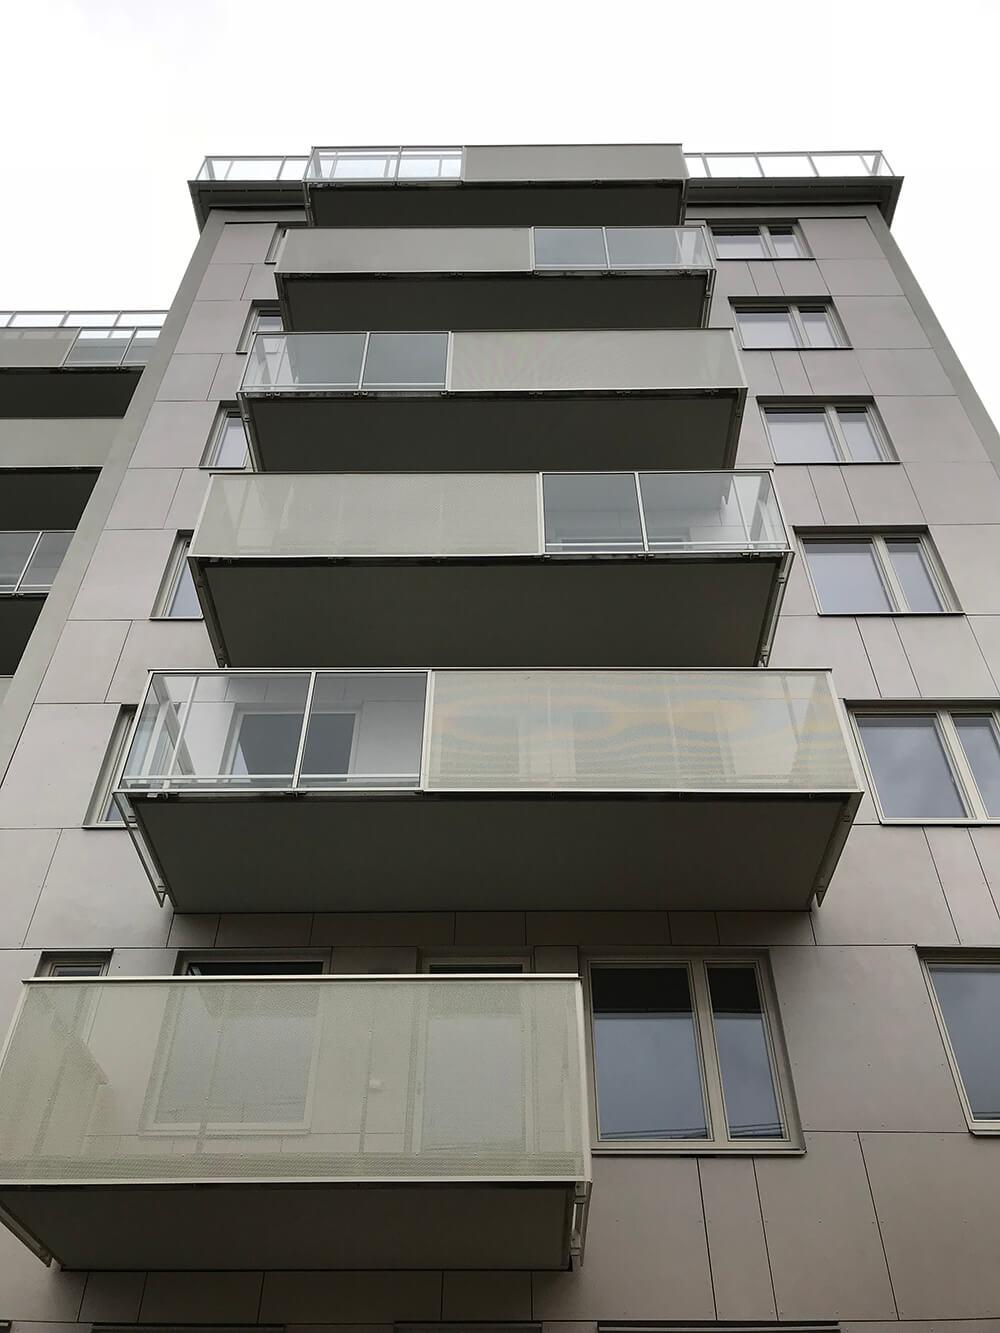 Omnia balkonger_1000.jpg